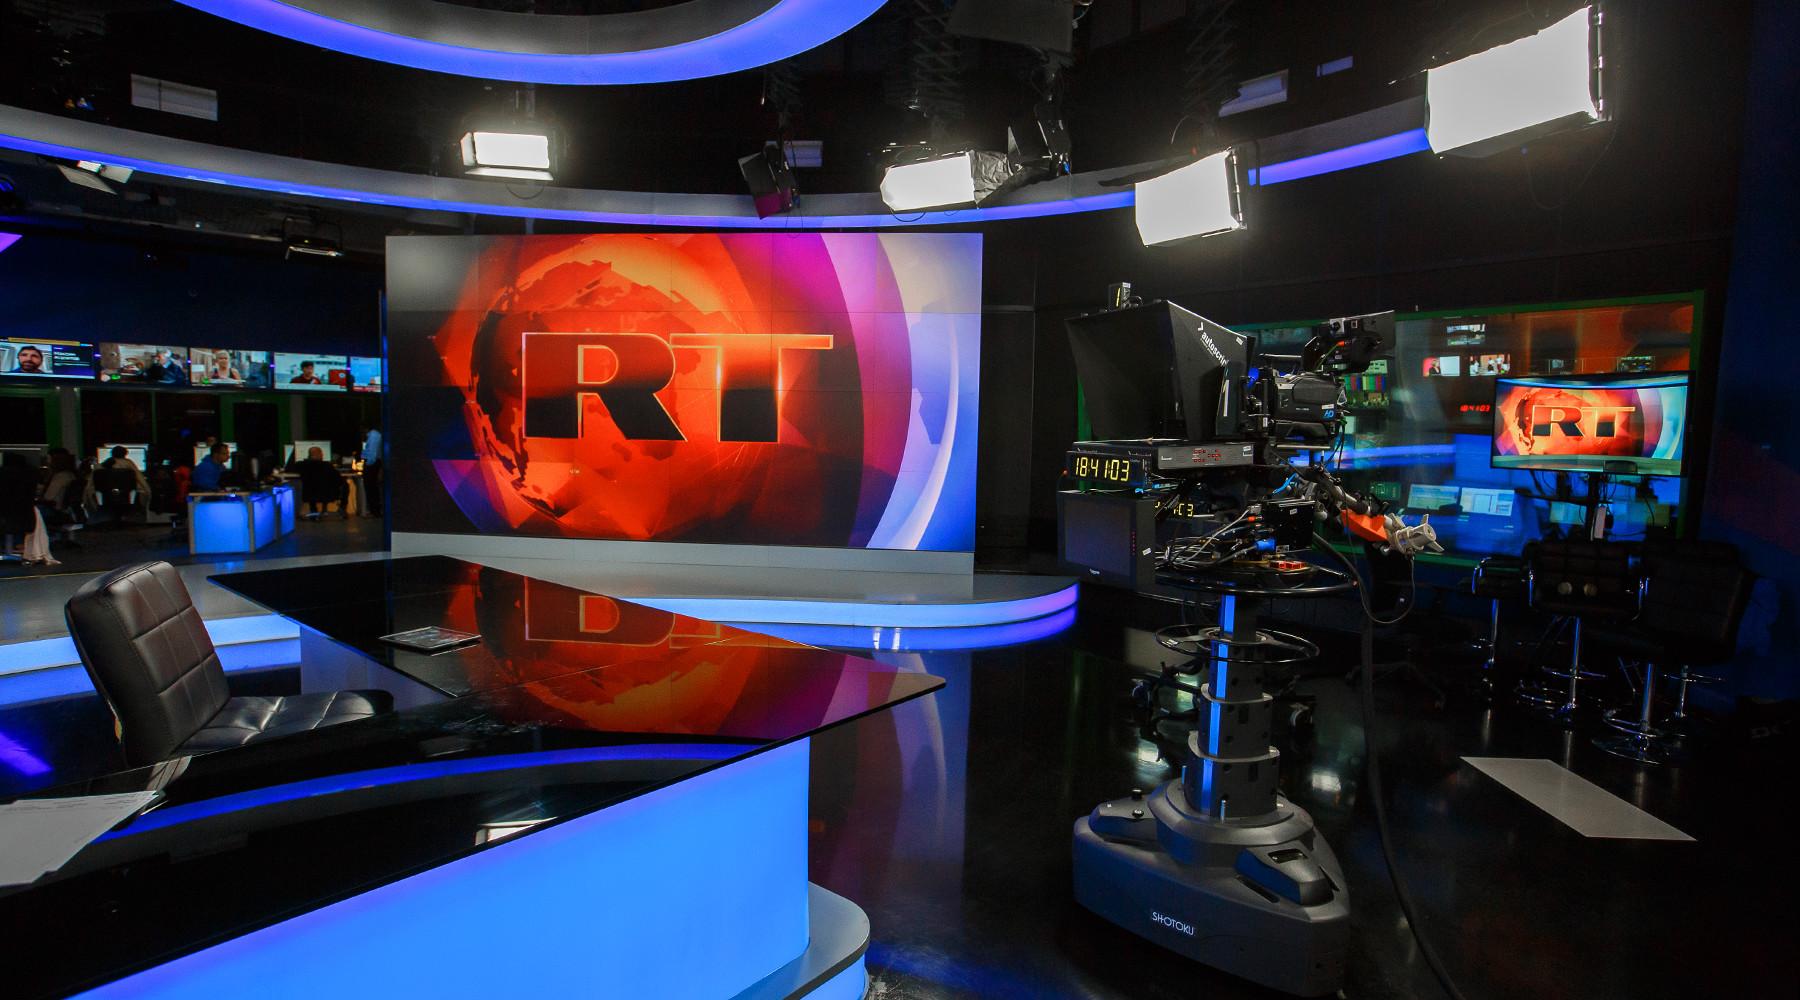 Комитет позащите корреспондентов осудил действия США вотношенииRT